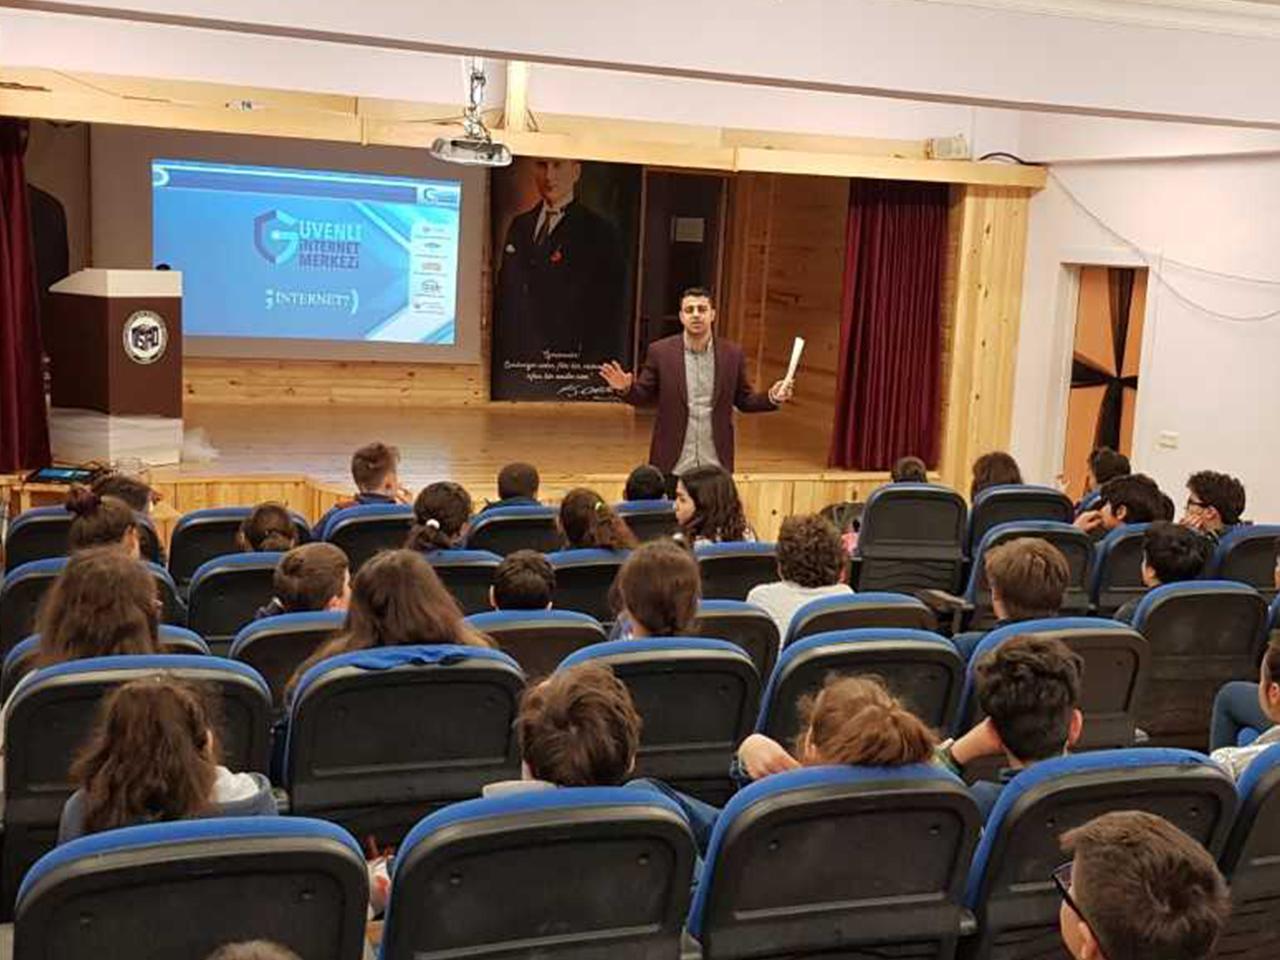 İstanbul Kadıköy Mehmet Sait Aydoslu Ortaokulunda, Bilinçli Ve Güvenli İnternet Semineri